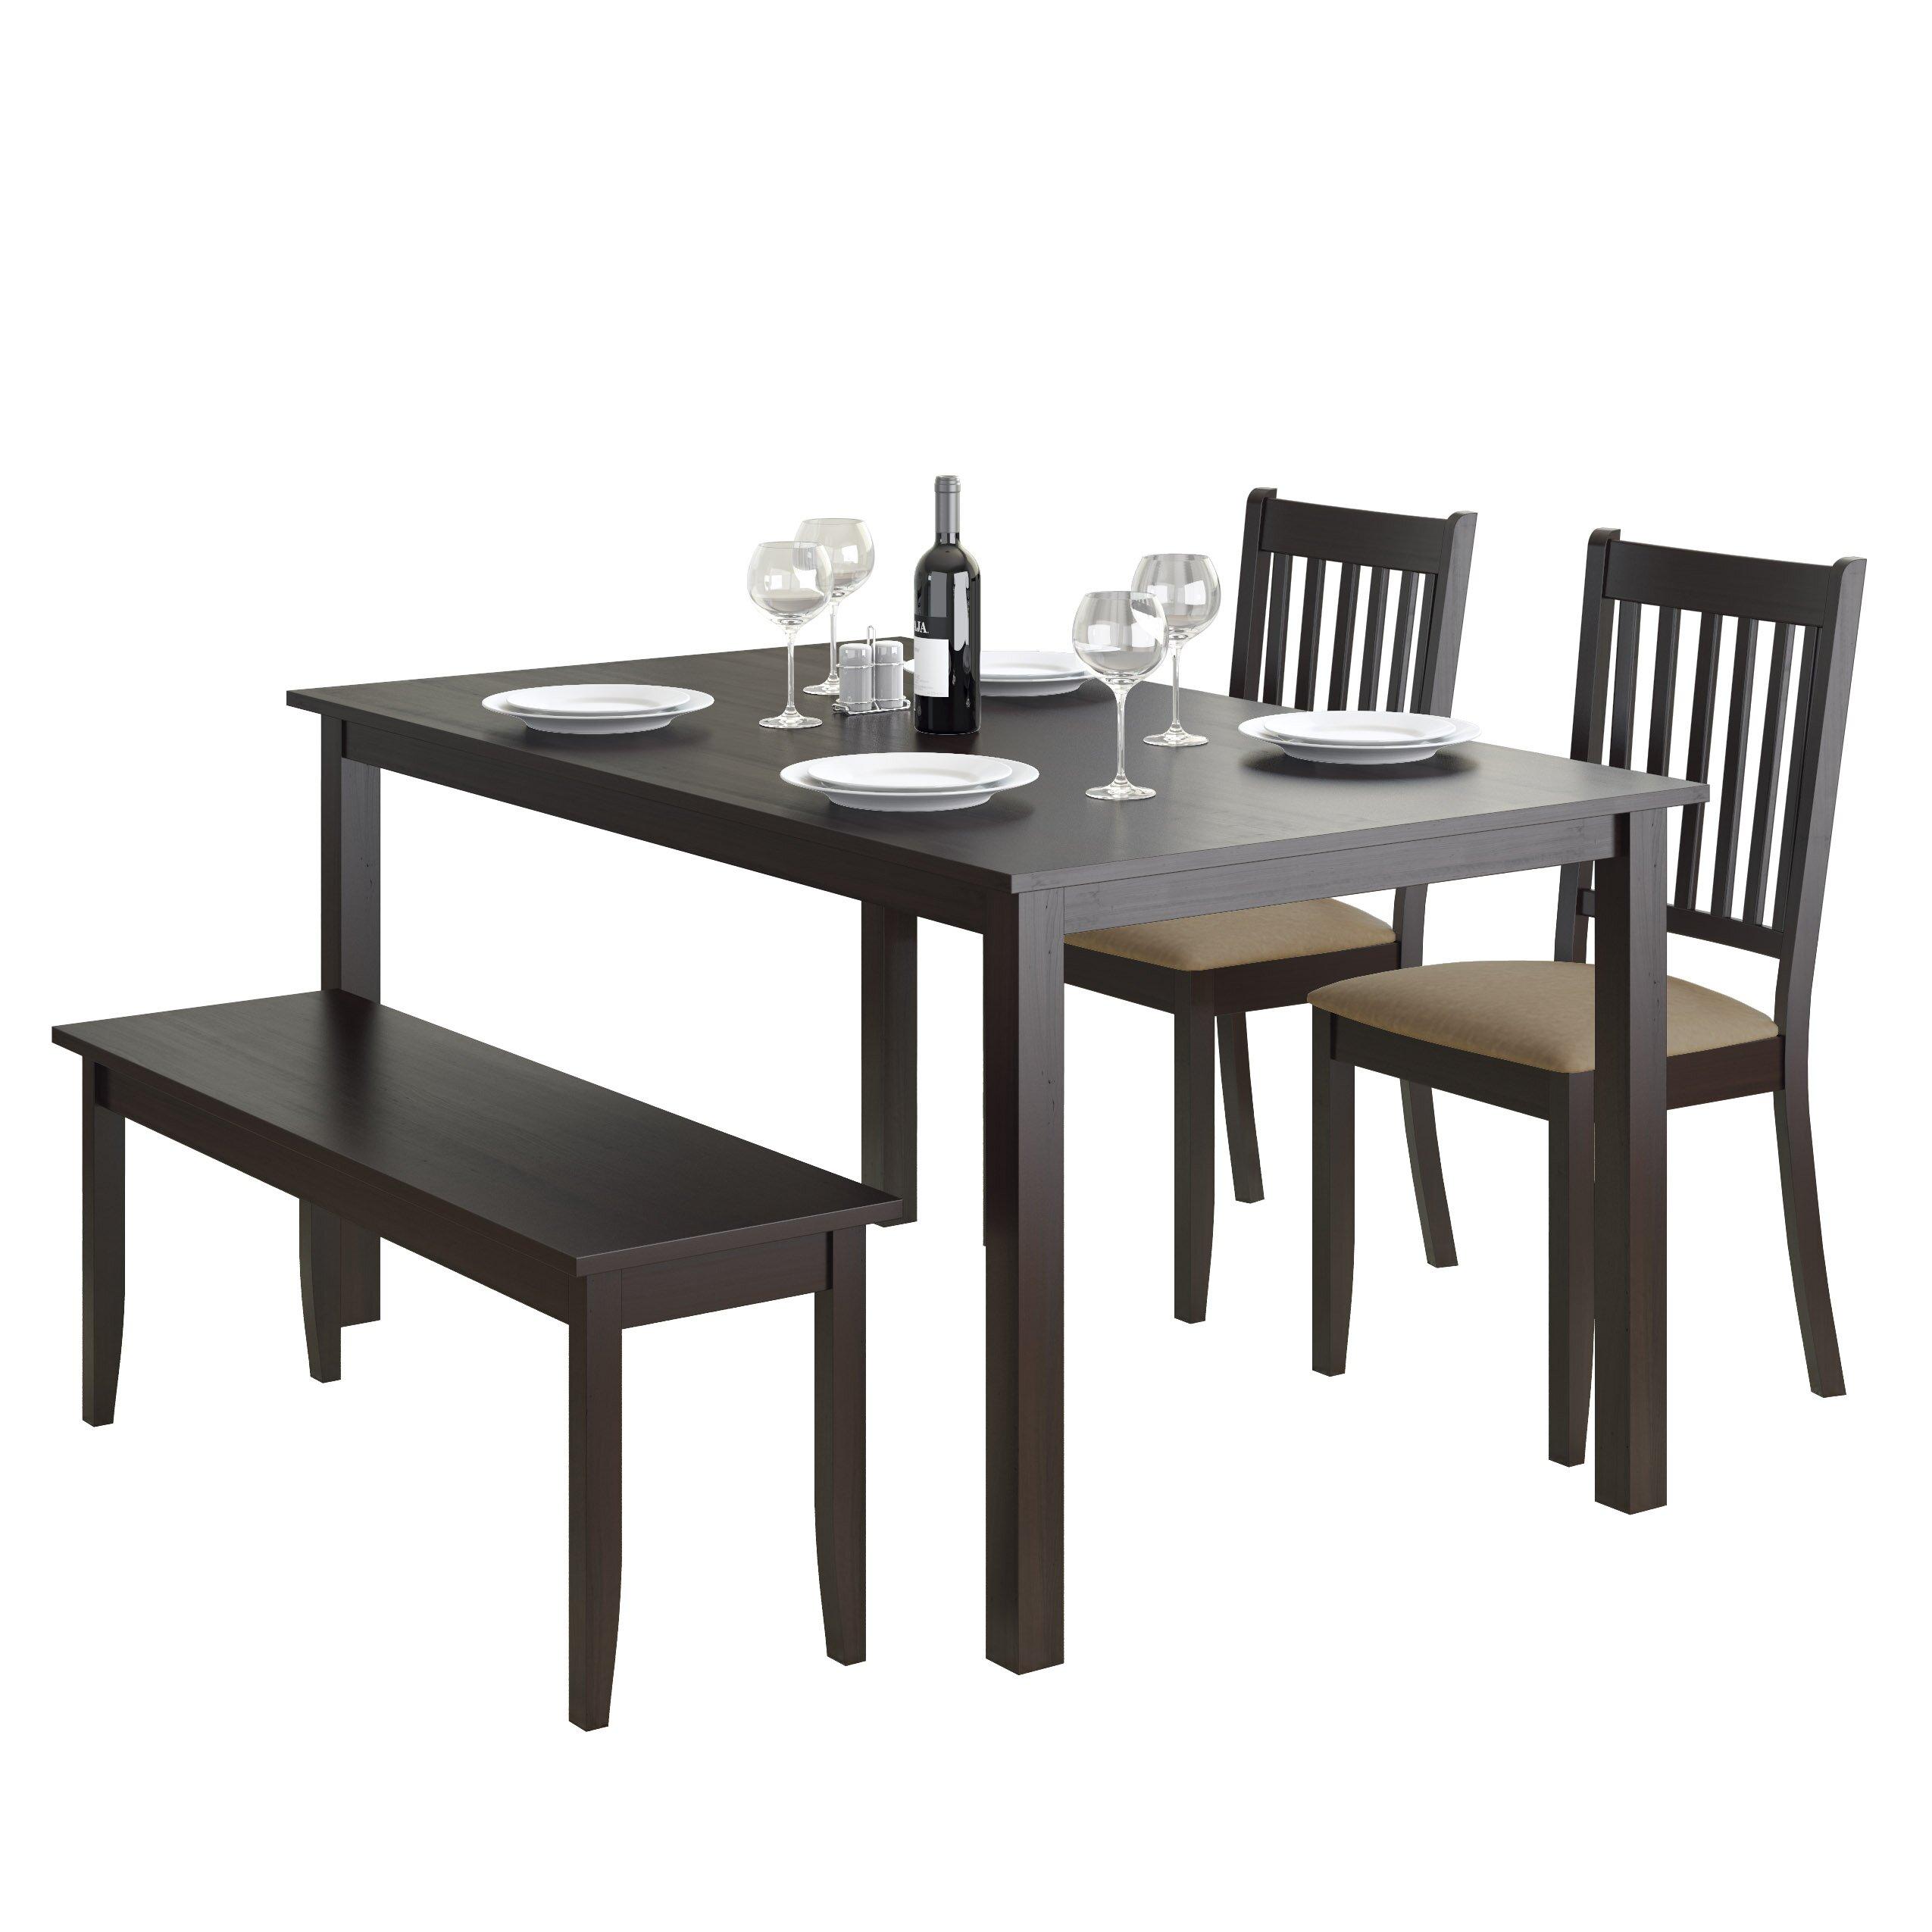 Atwood piece dining set wayfair